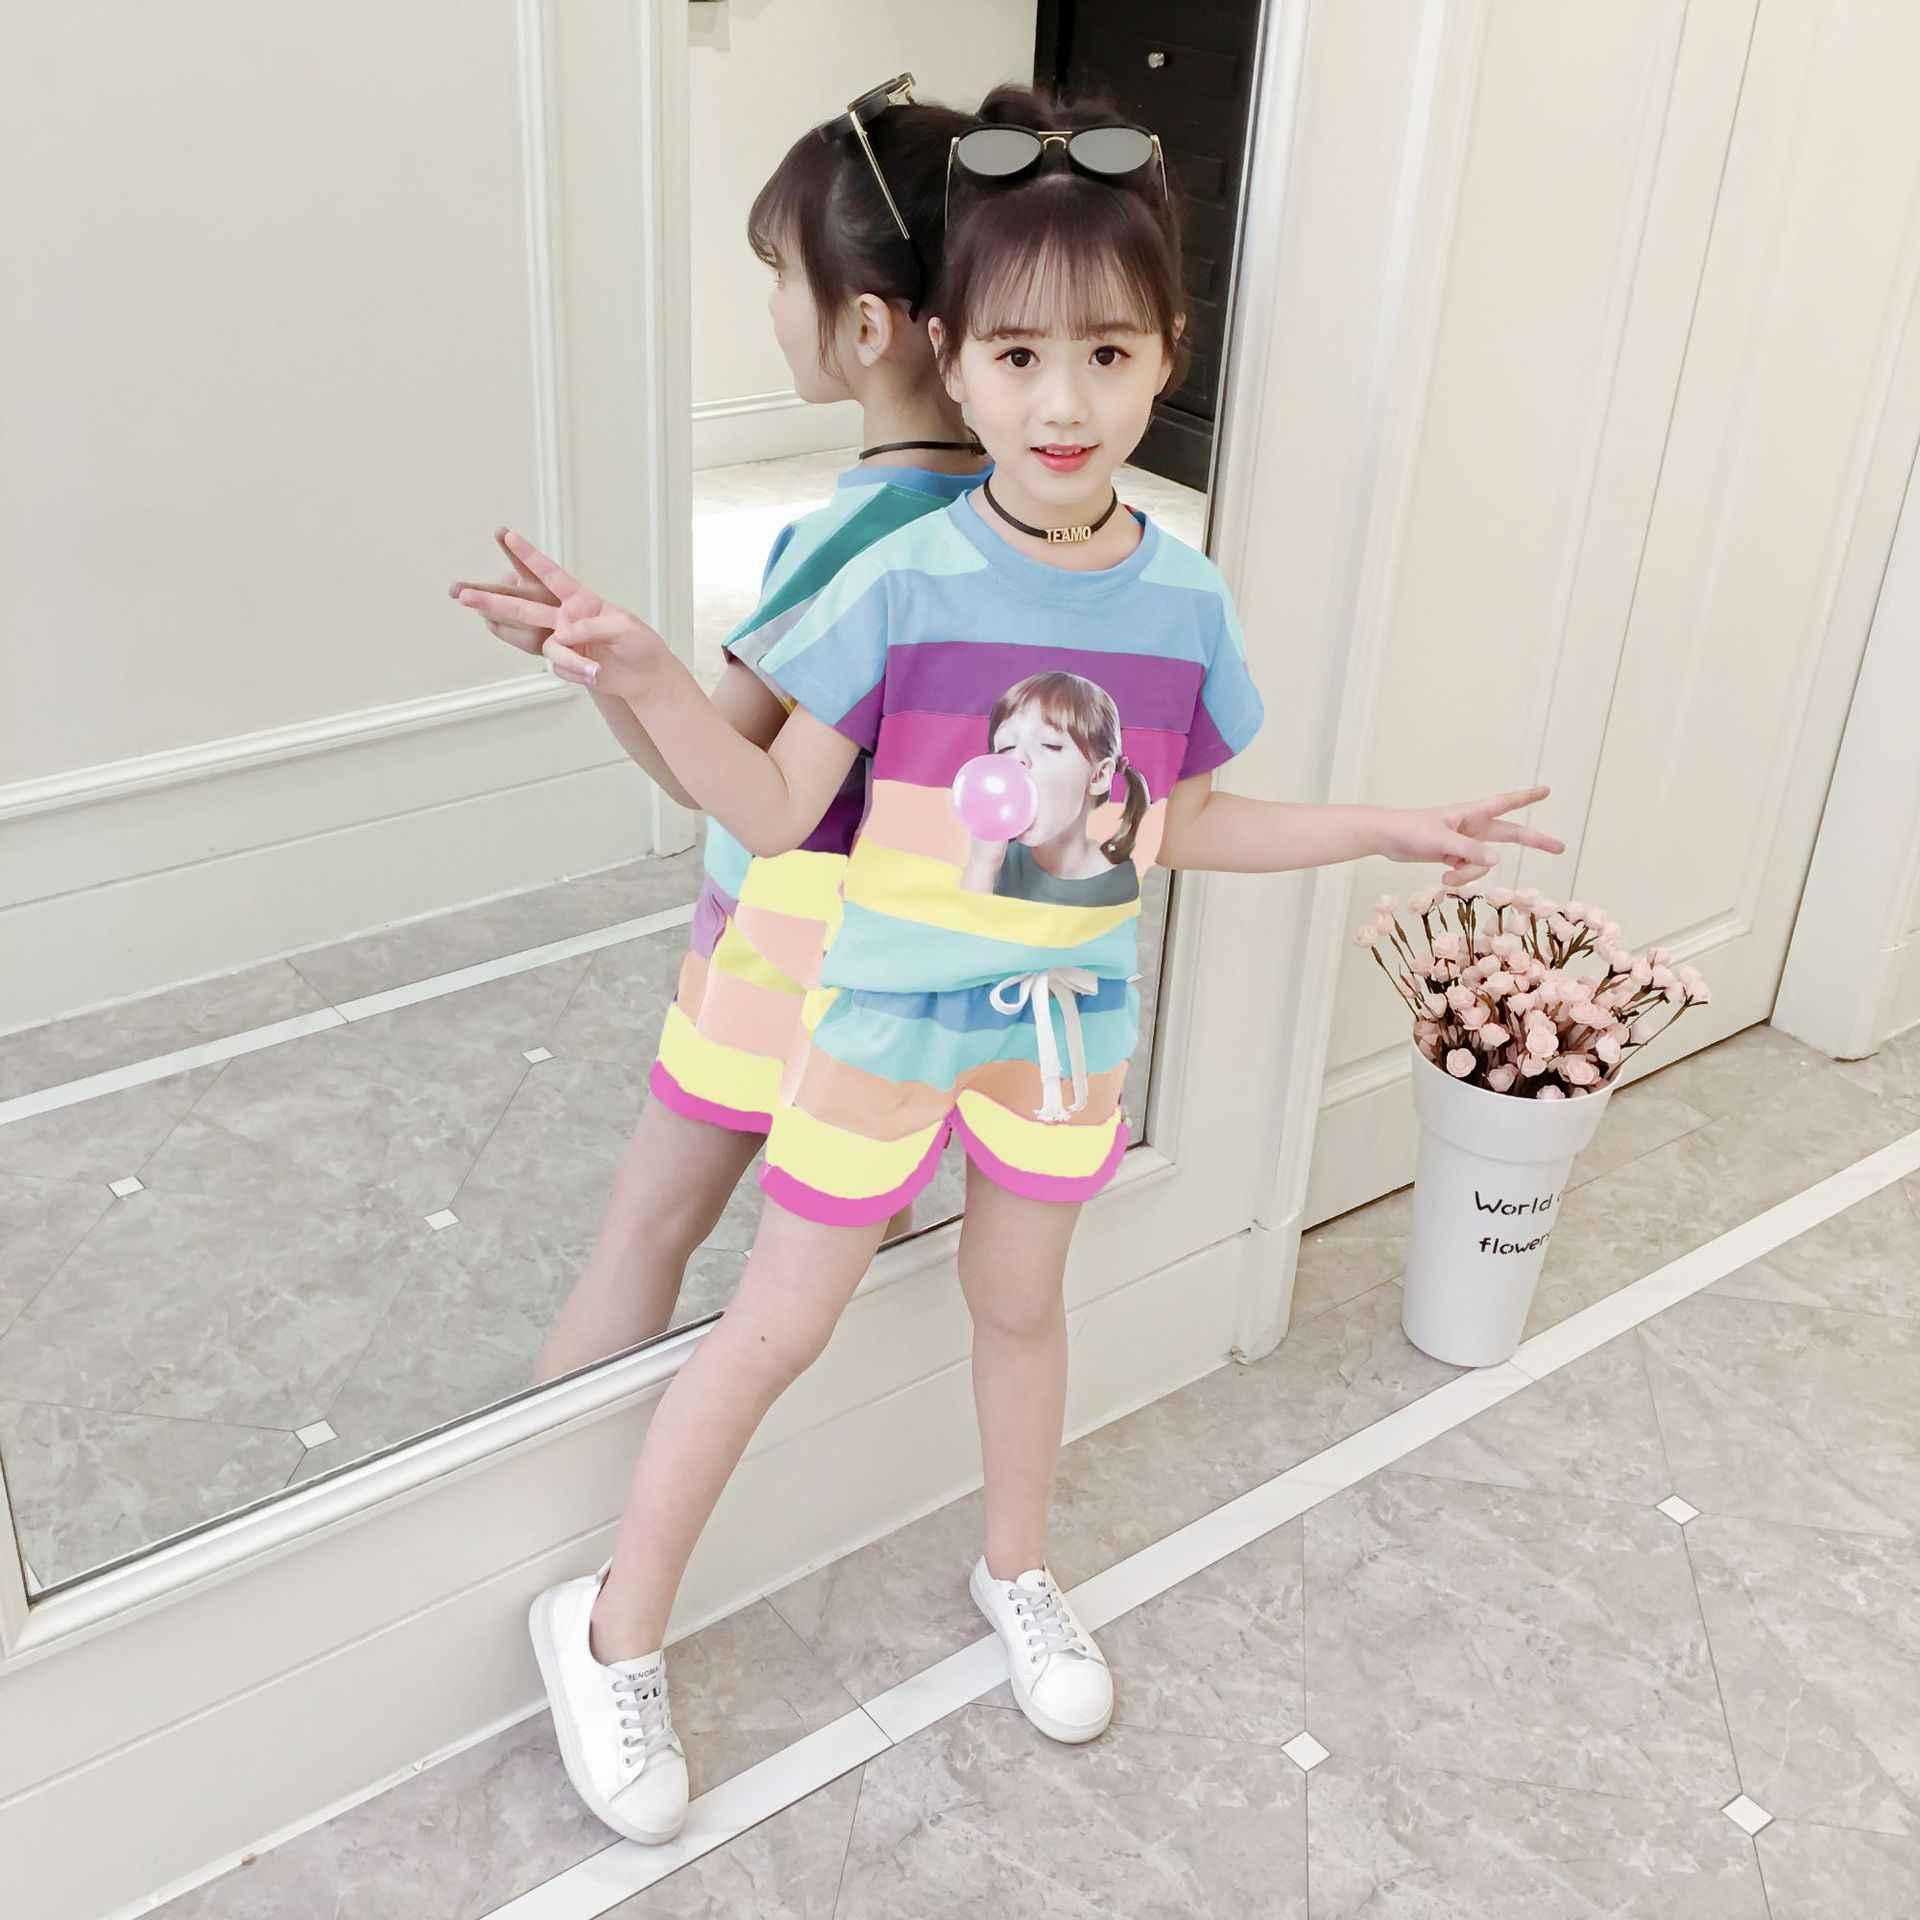 ילדי סטי 2019 חדש בנות גרסה קוריאנית שני חלקים עם שרוולים קצרים בגדי ילדים קיץ Hipster סגנון קשת צבע בגדים